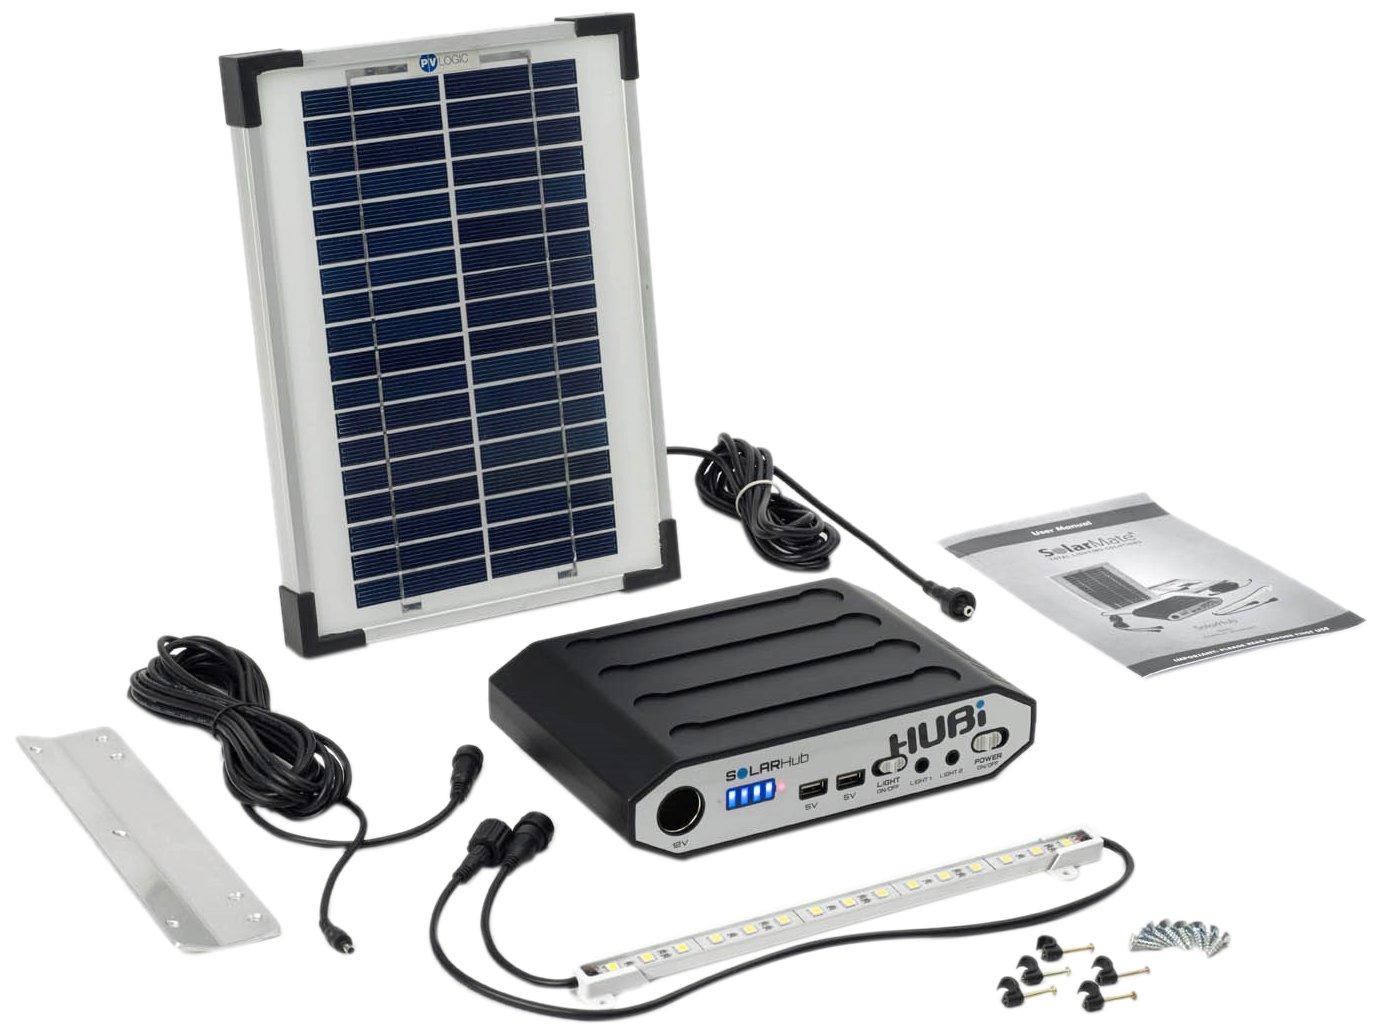 SolarMate Smh001 hub 16 d'é clairage Solaire et kit de Puissance –  Bleu Solar Technology International Limited